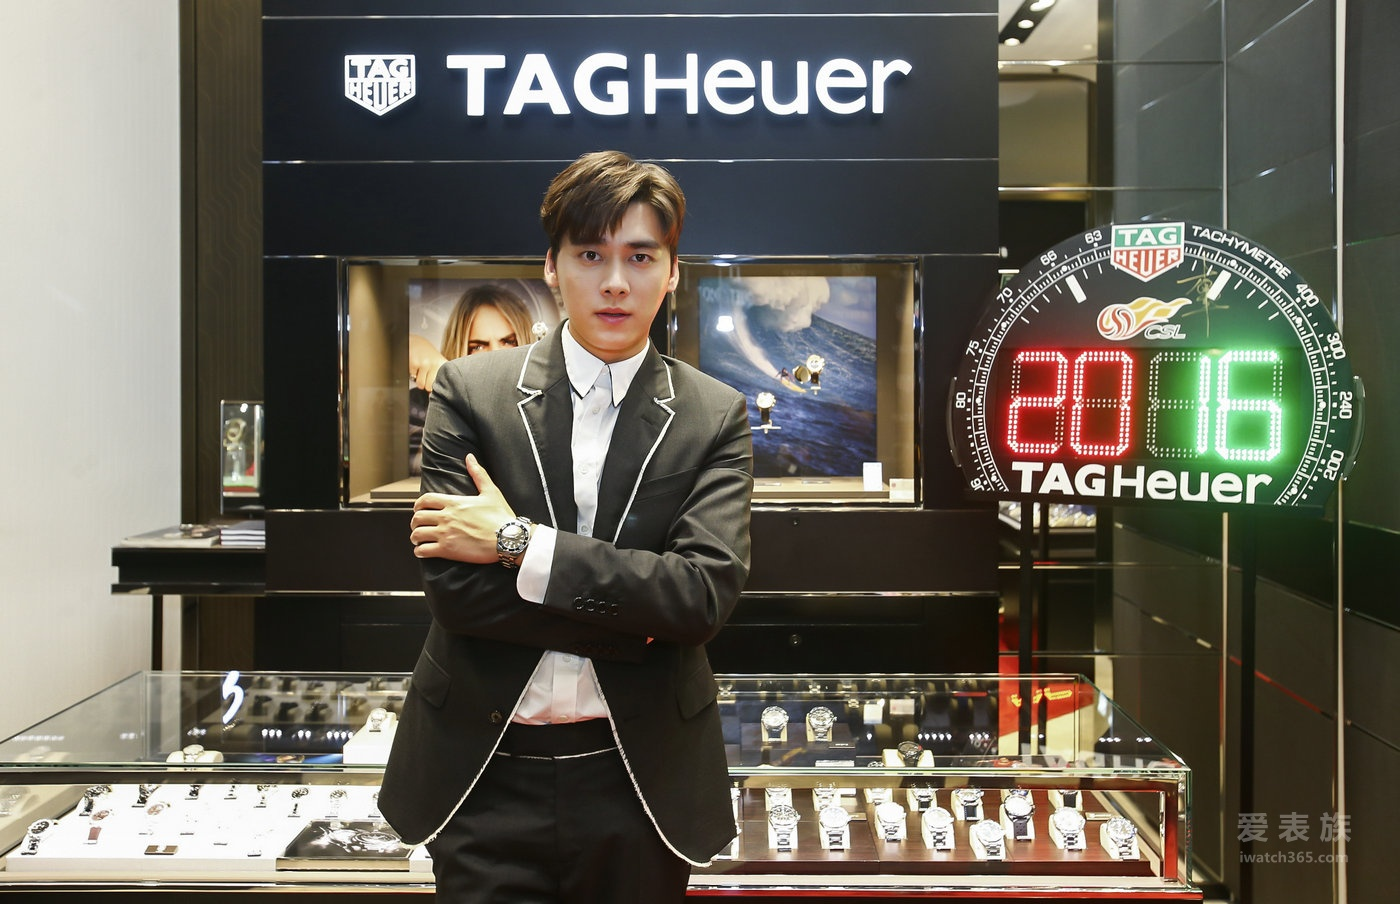 TAG Heuer泰格豪雅北京SKP精品店重装开幕 品牌大使李易峰亮相揭幕 见证荣耀升级